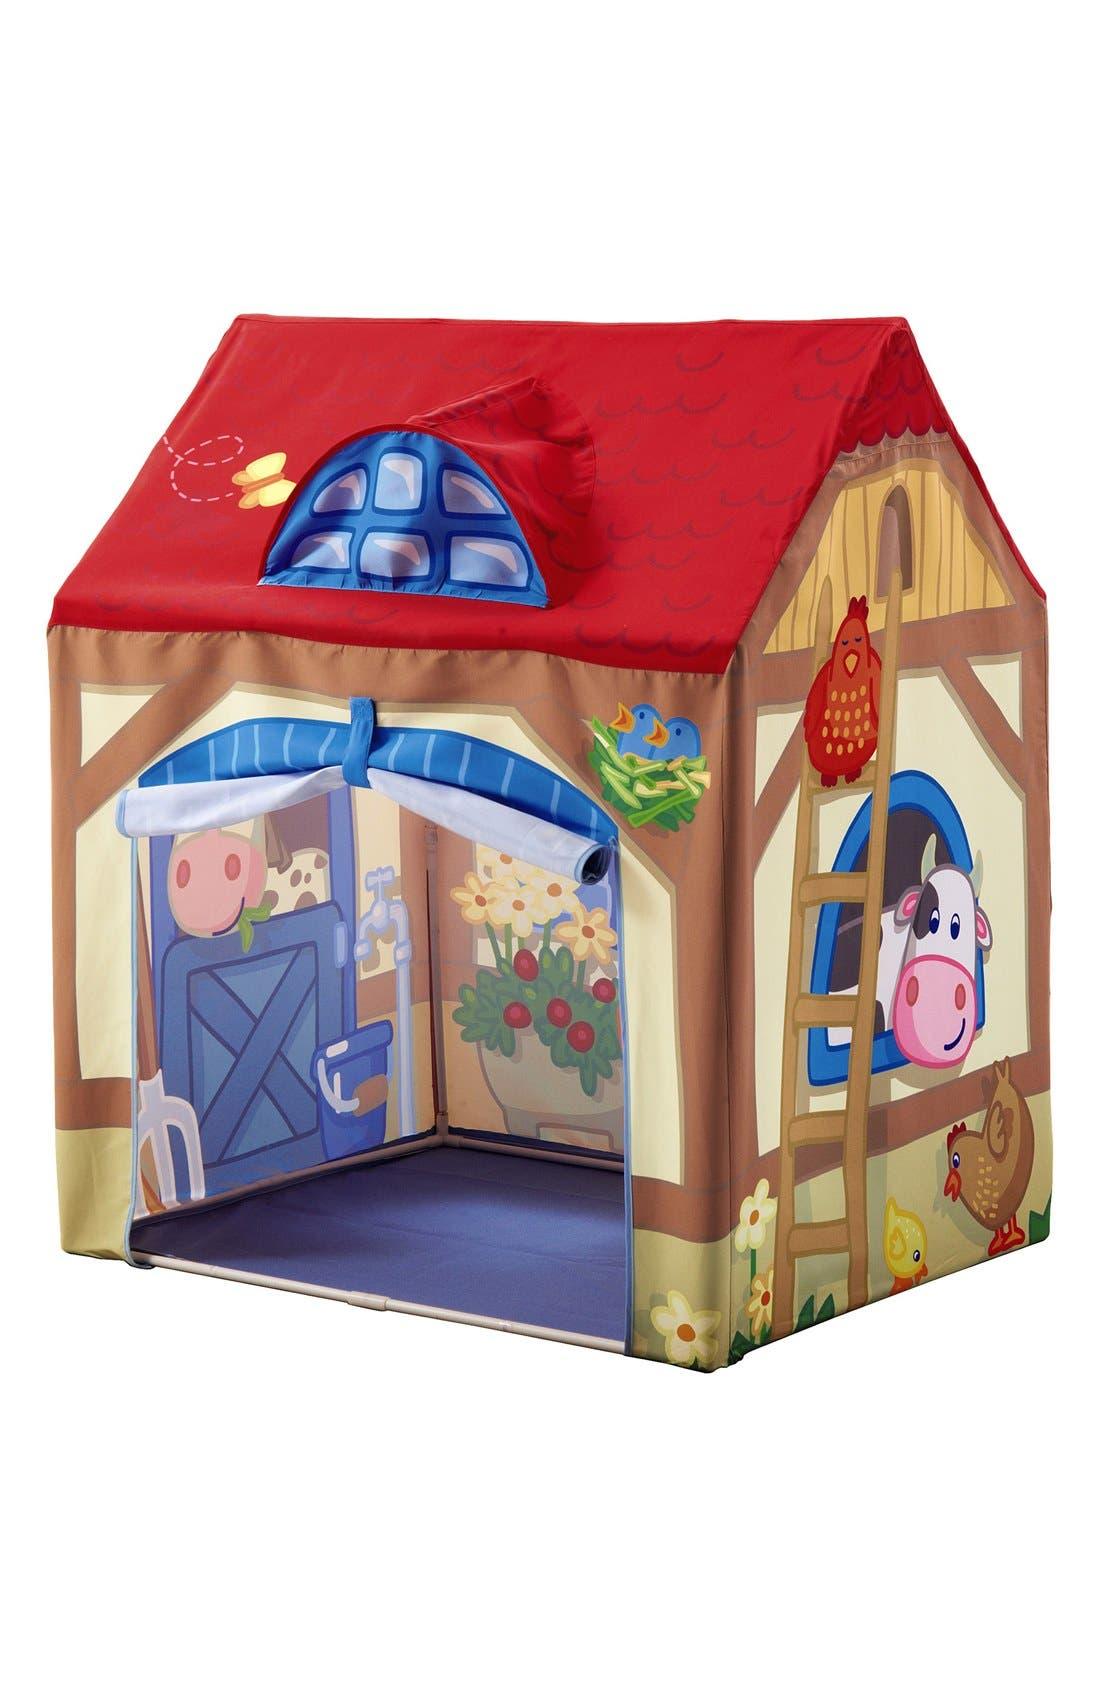 HABA Farm Play Tent